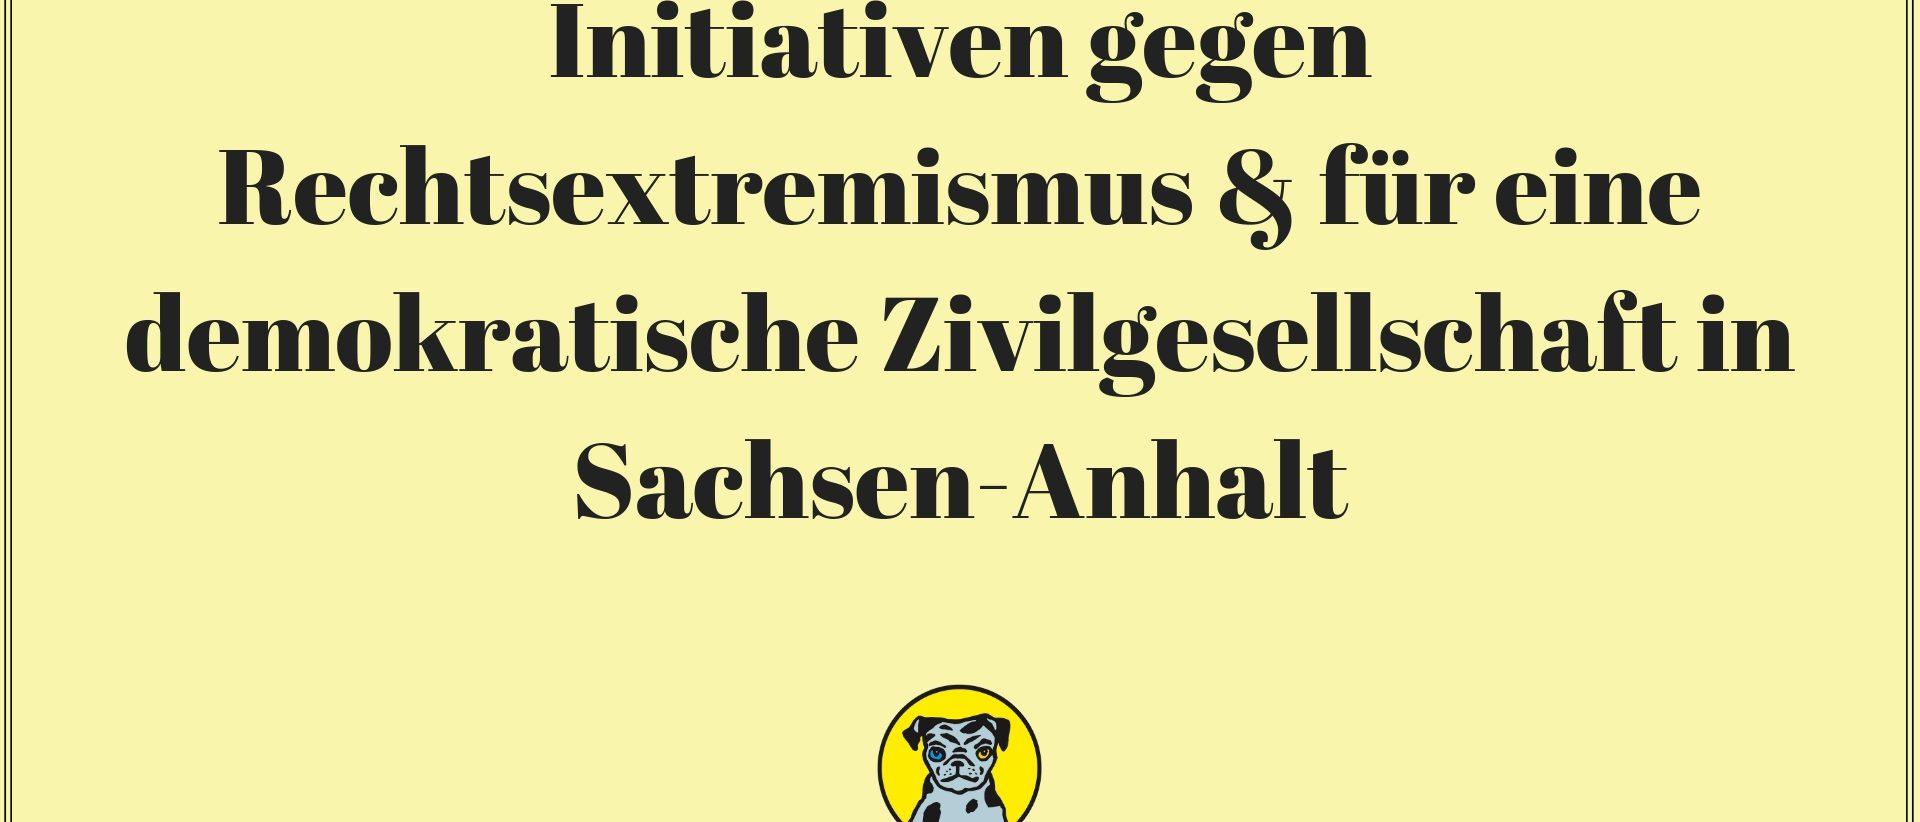 Initiativen gegen Rechtsextremismus & für eine demokratische Zivilgesellschaft in Sachsen-Anhalt